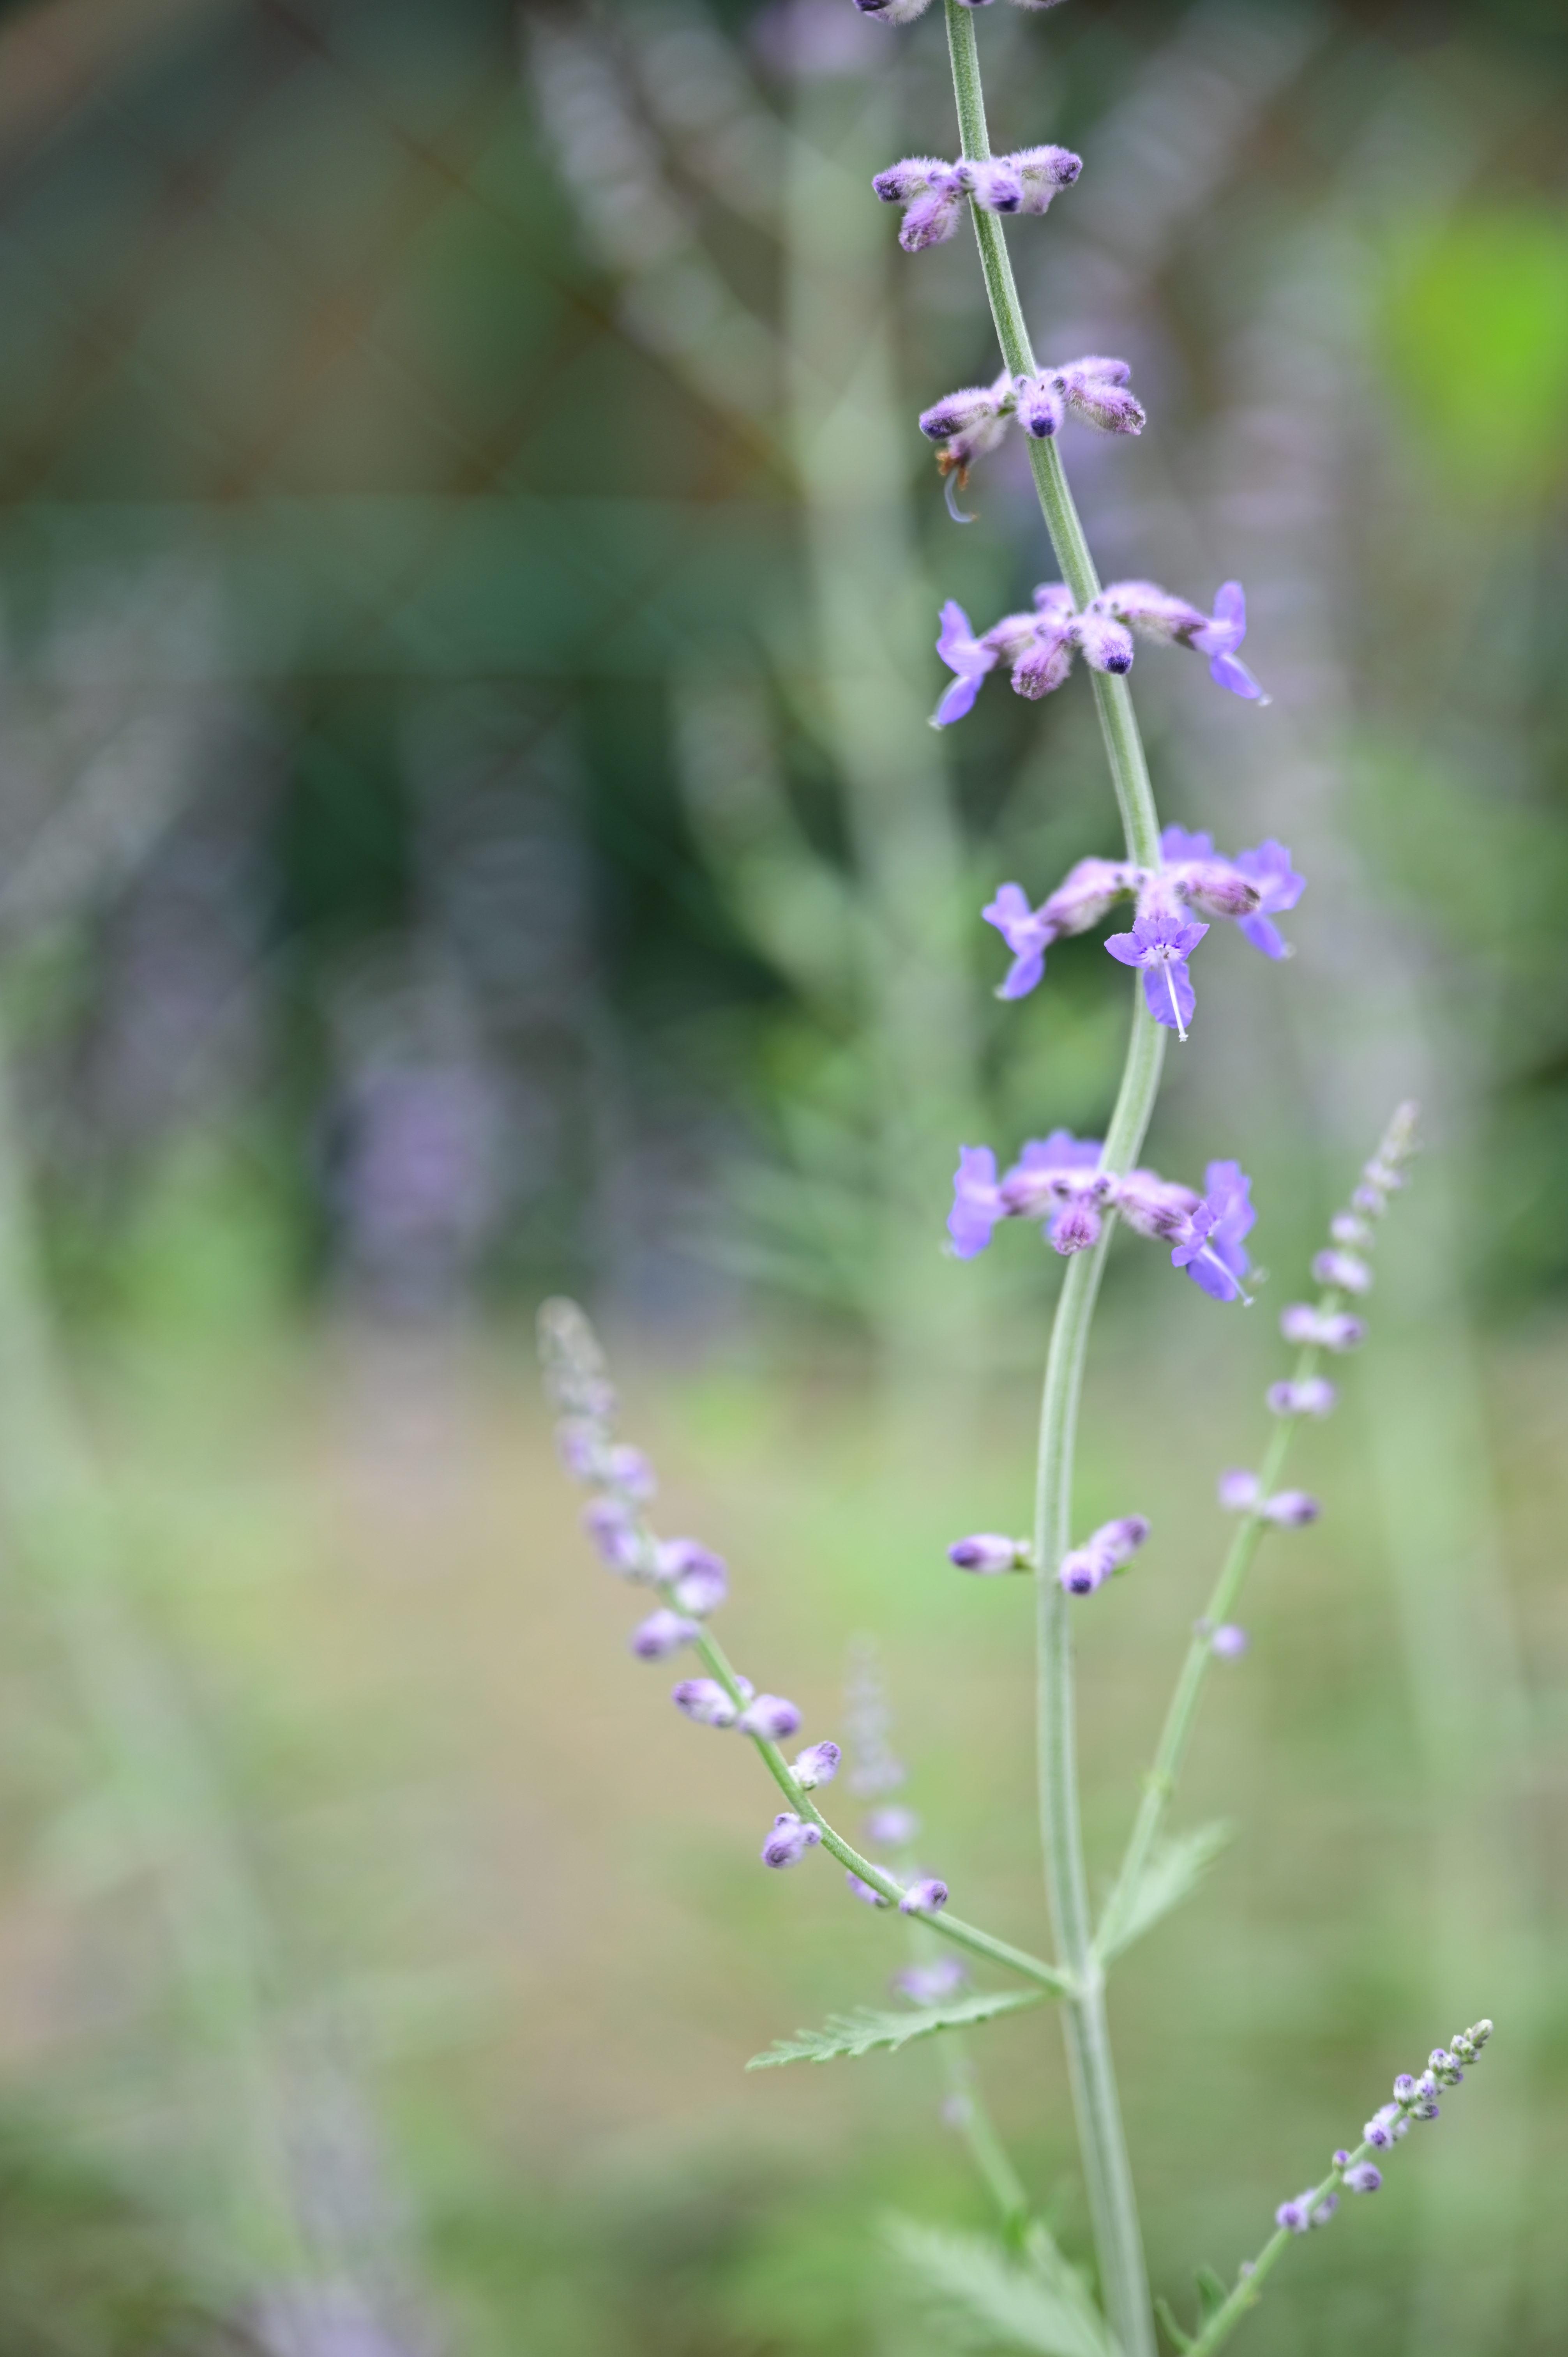 Perovskia atriplicifolia (Russian sage) ペロフスキア  アトリプリキフォリア (ロシアンセージ)